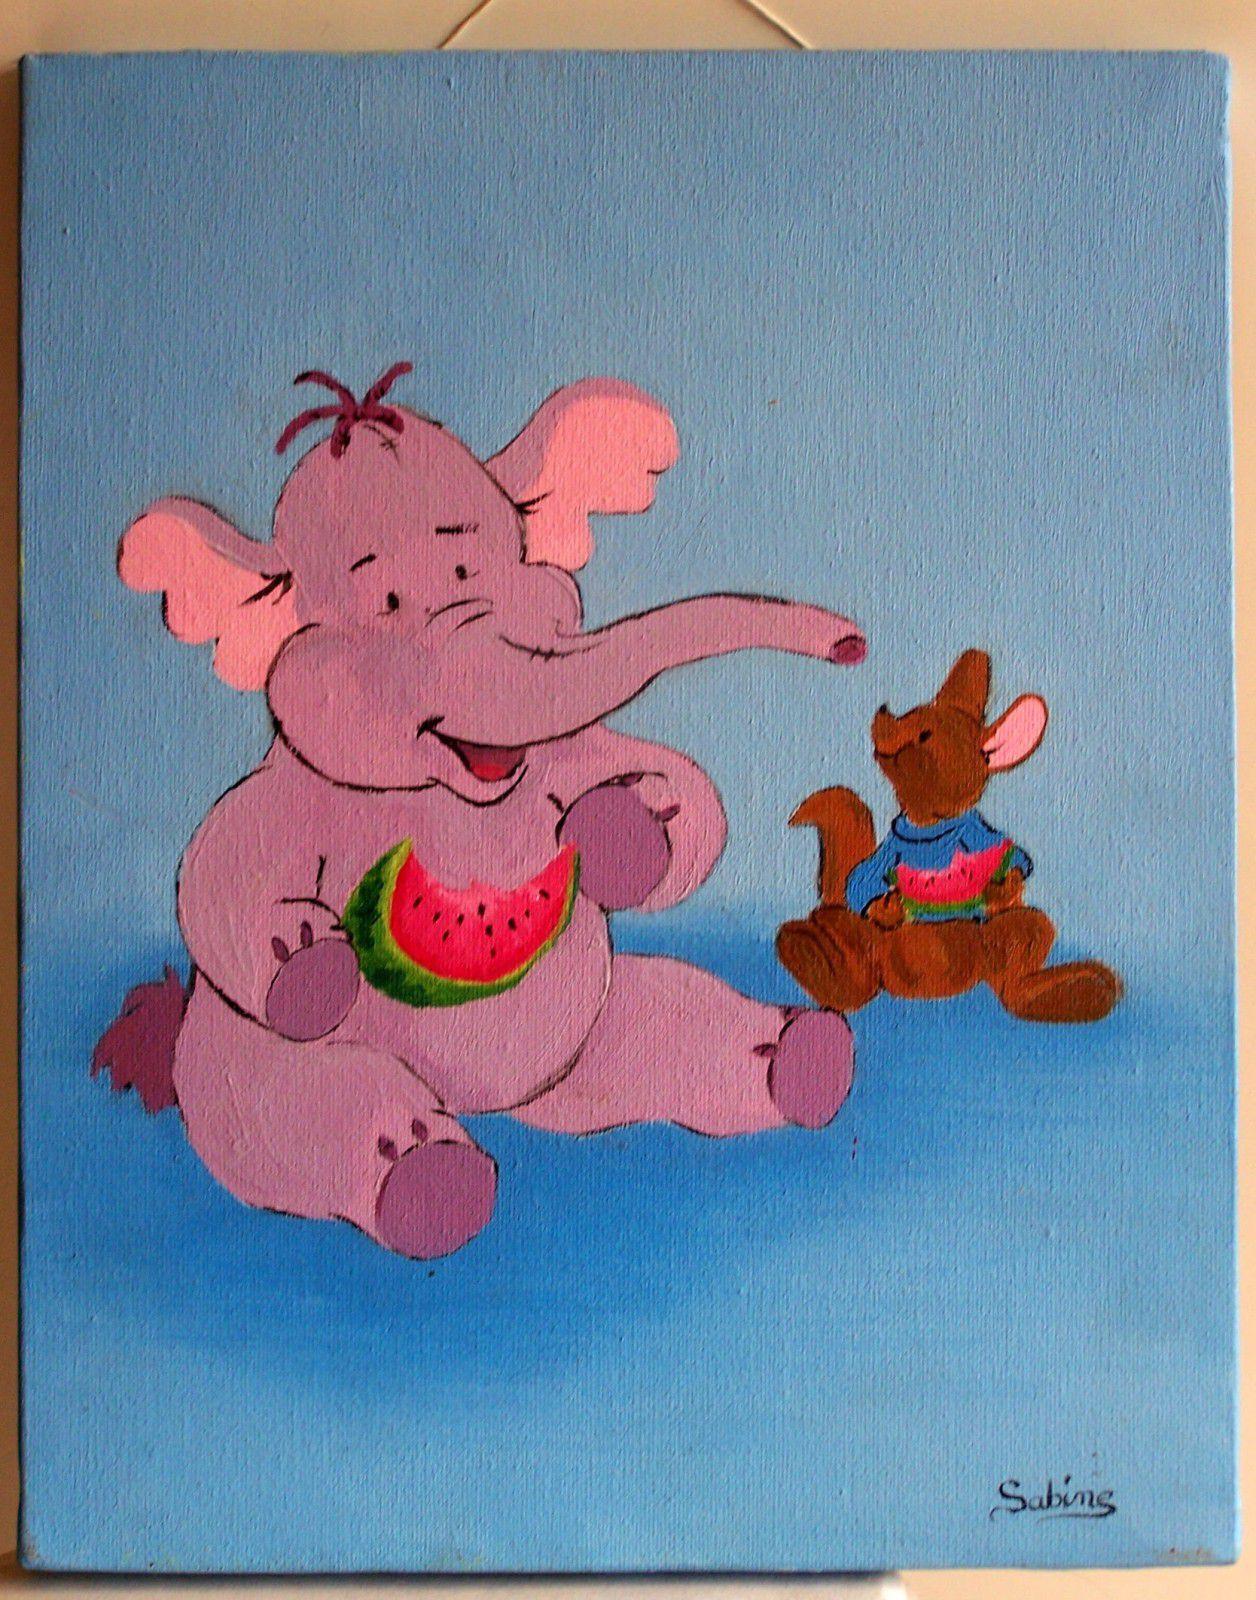 Tableau Pour Enfant : L'éfélant - Les Peintures De Sabine dedans Tableau De Peinture Pour Enfant